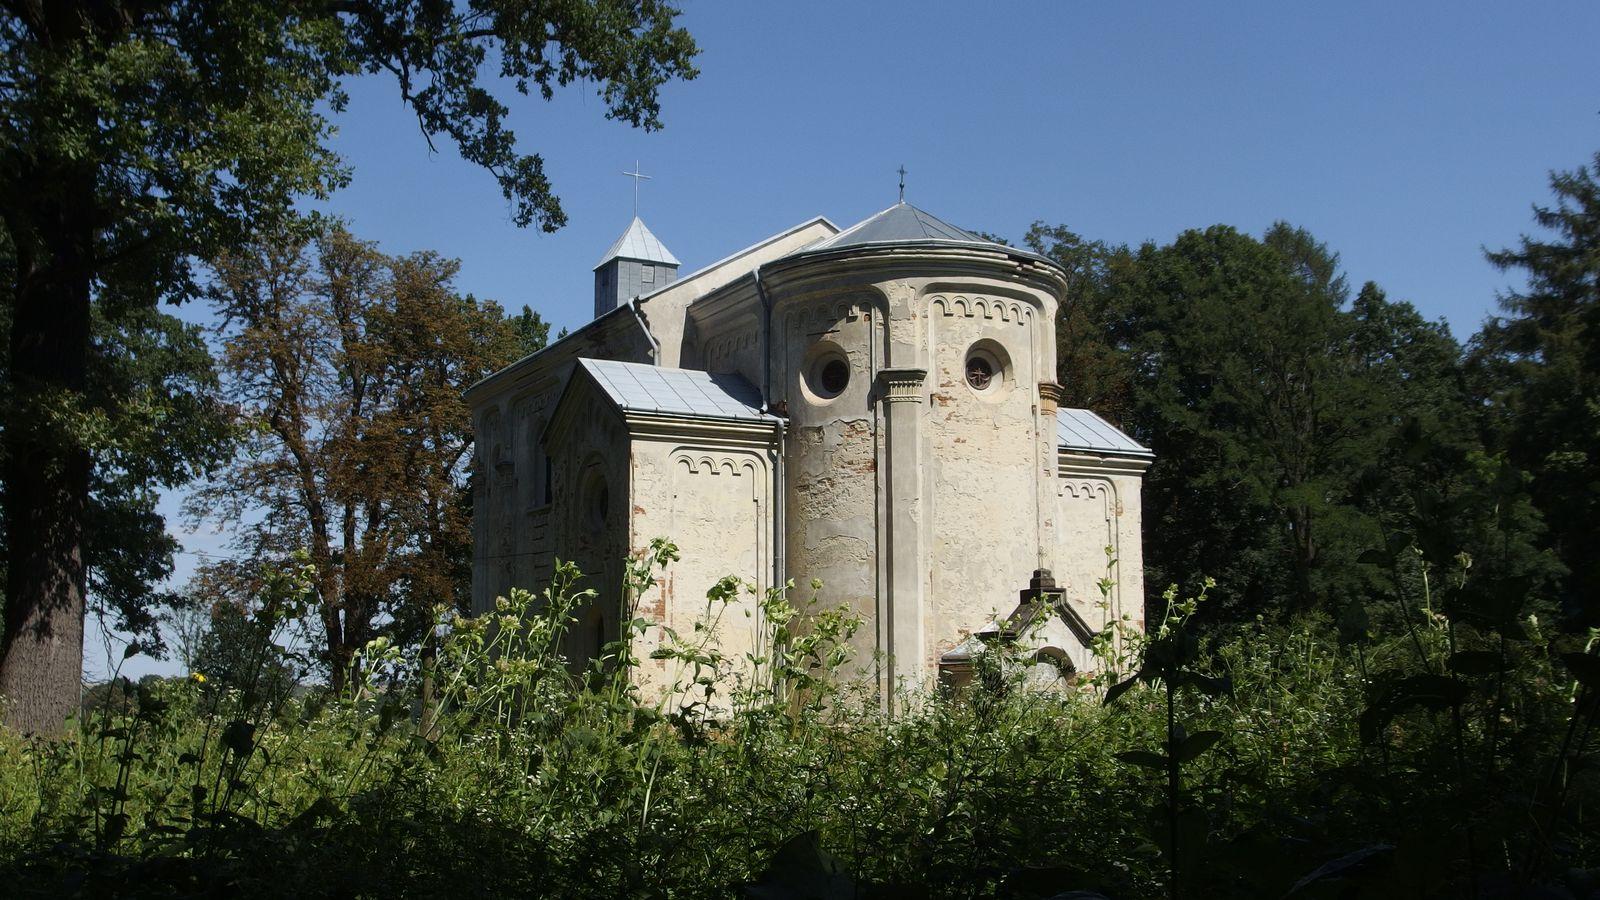 Kościół w Kosienicach, widok na tył budowli,        fot. Nikodem Bar